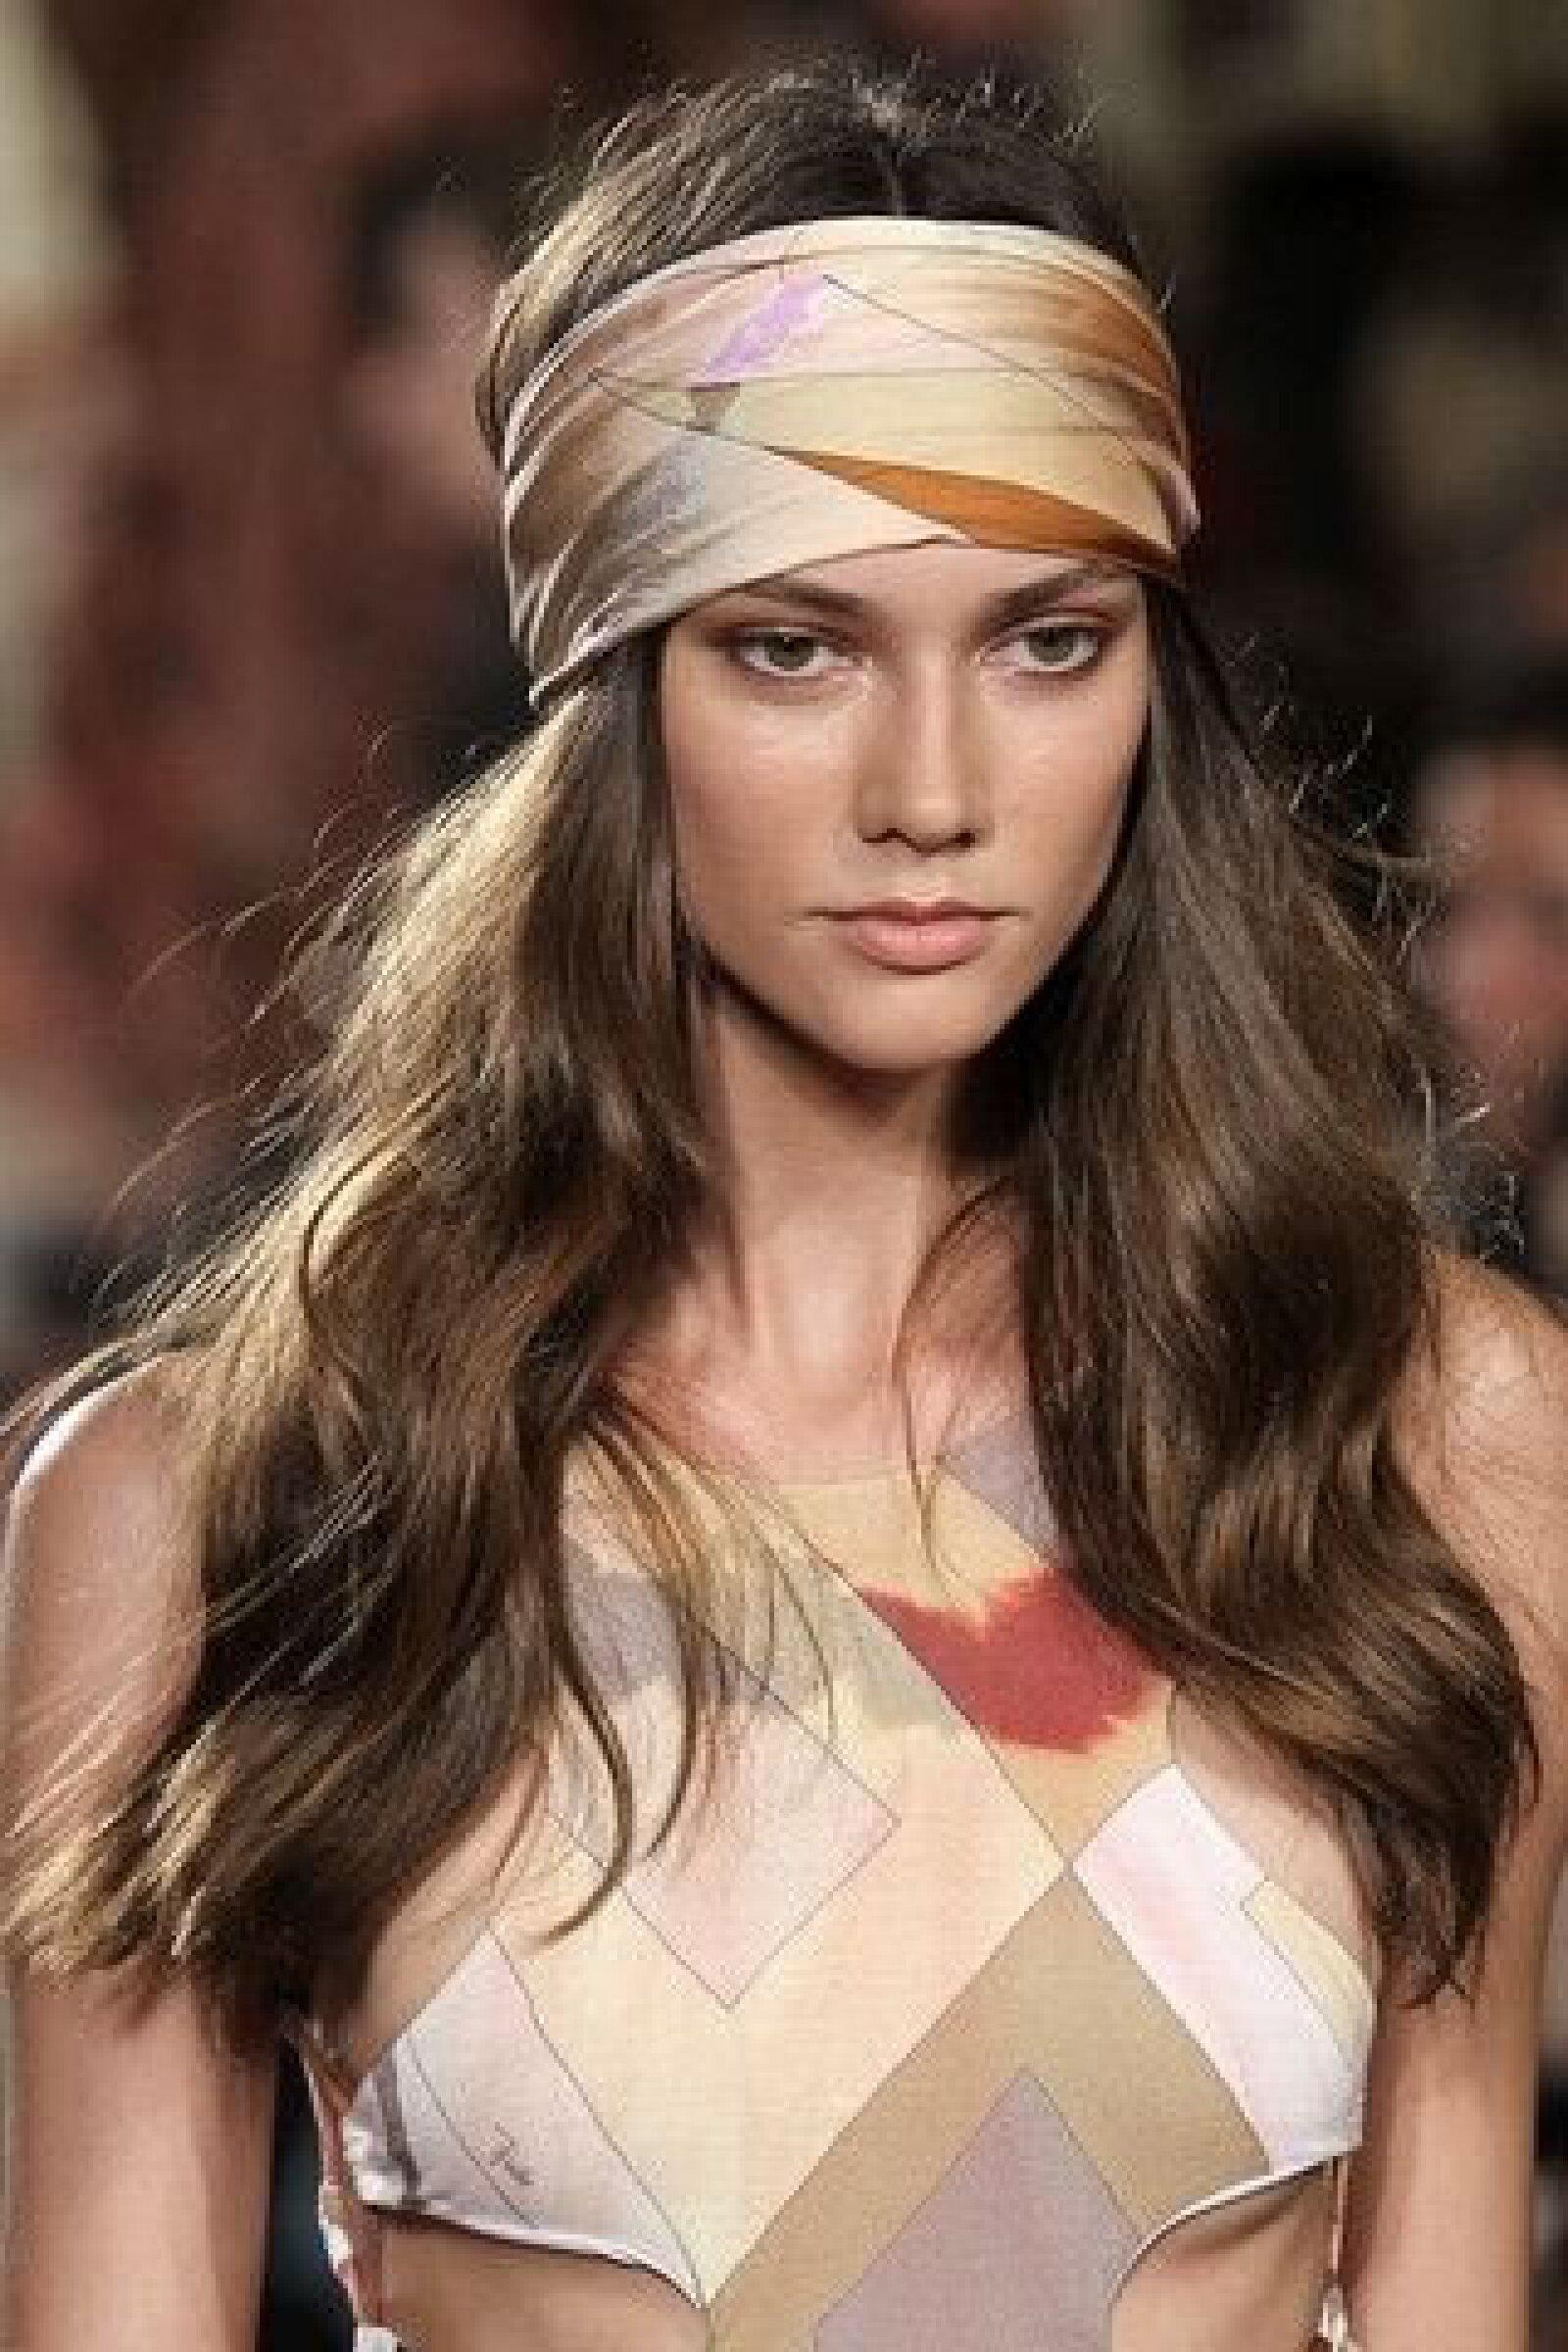 Las bandanas y turbantes son excelentes complementos para este verano.